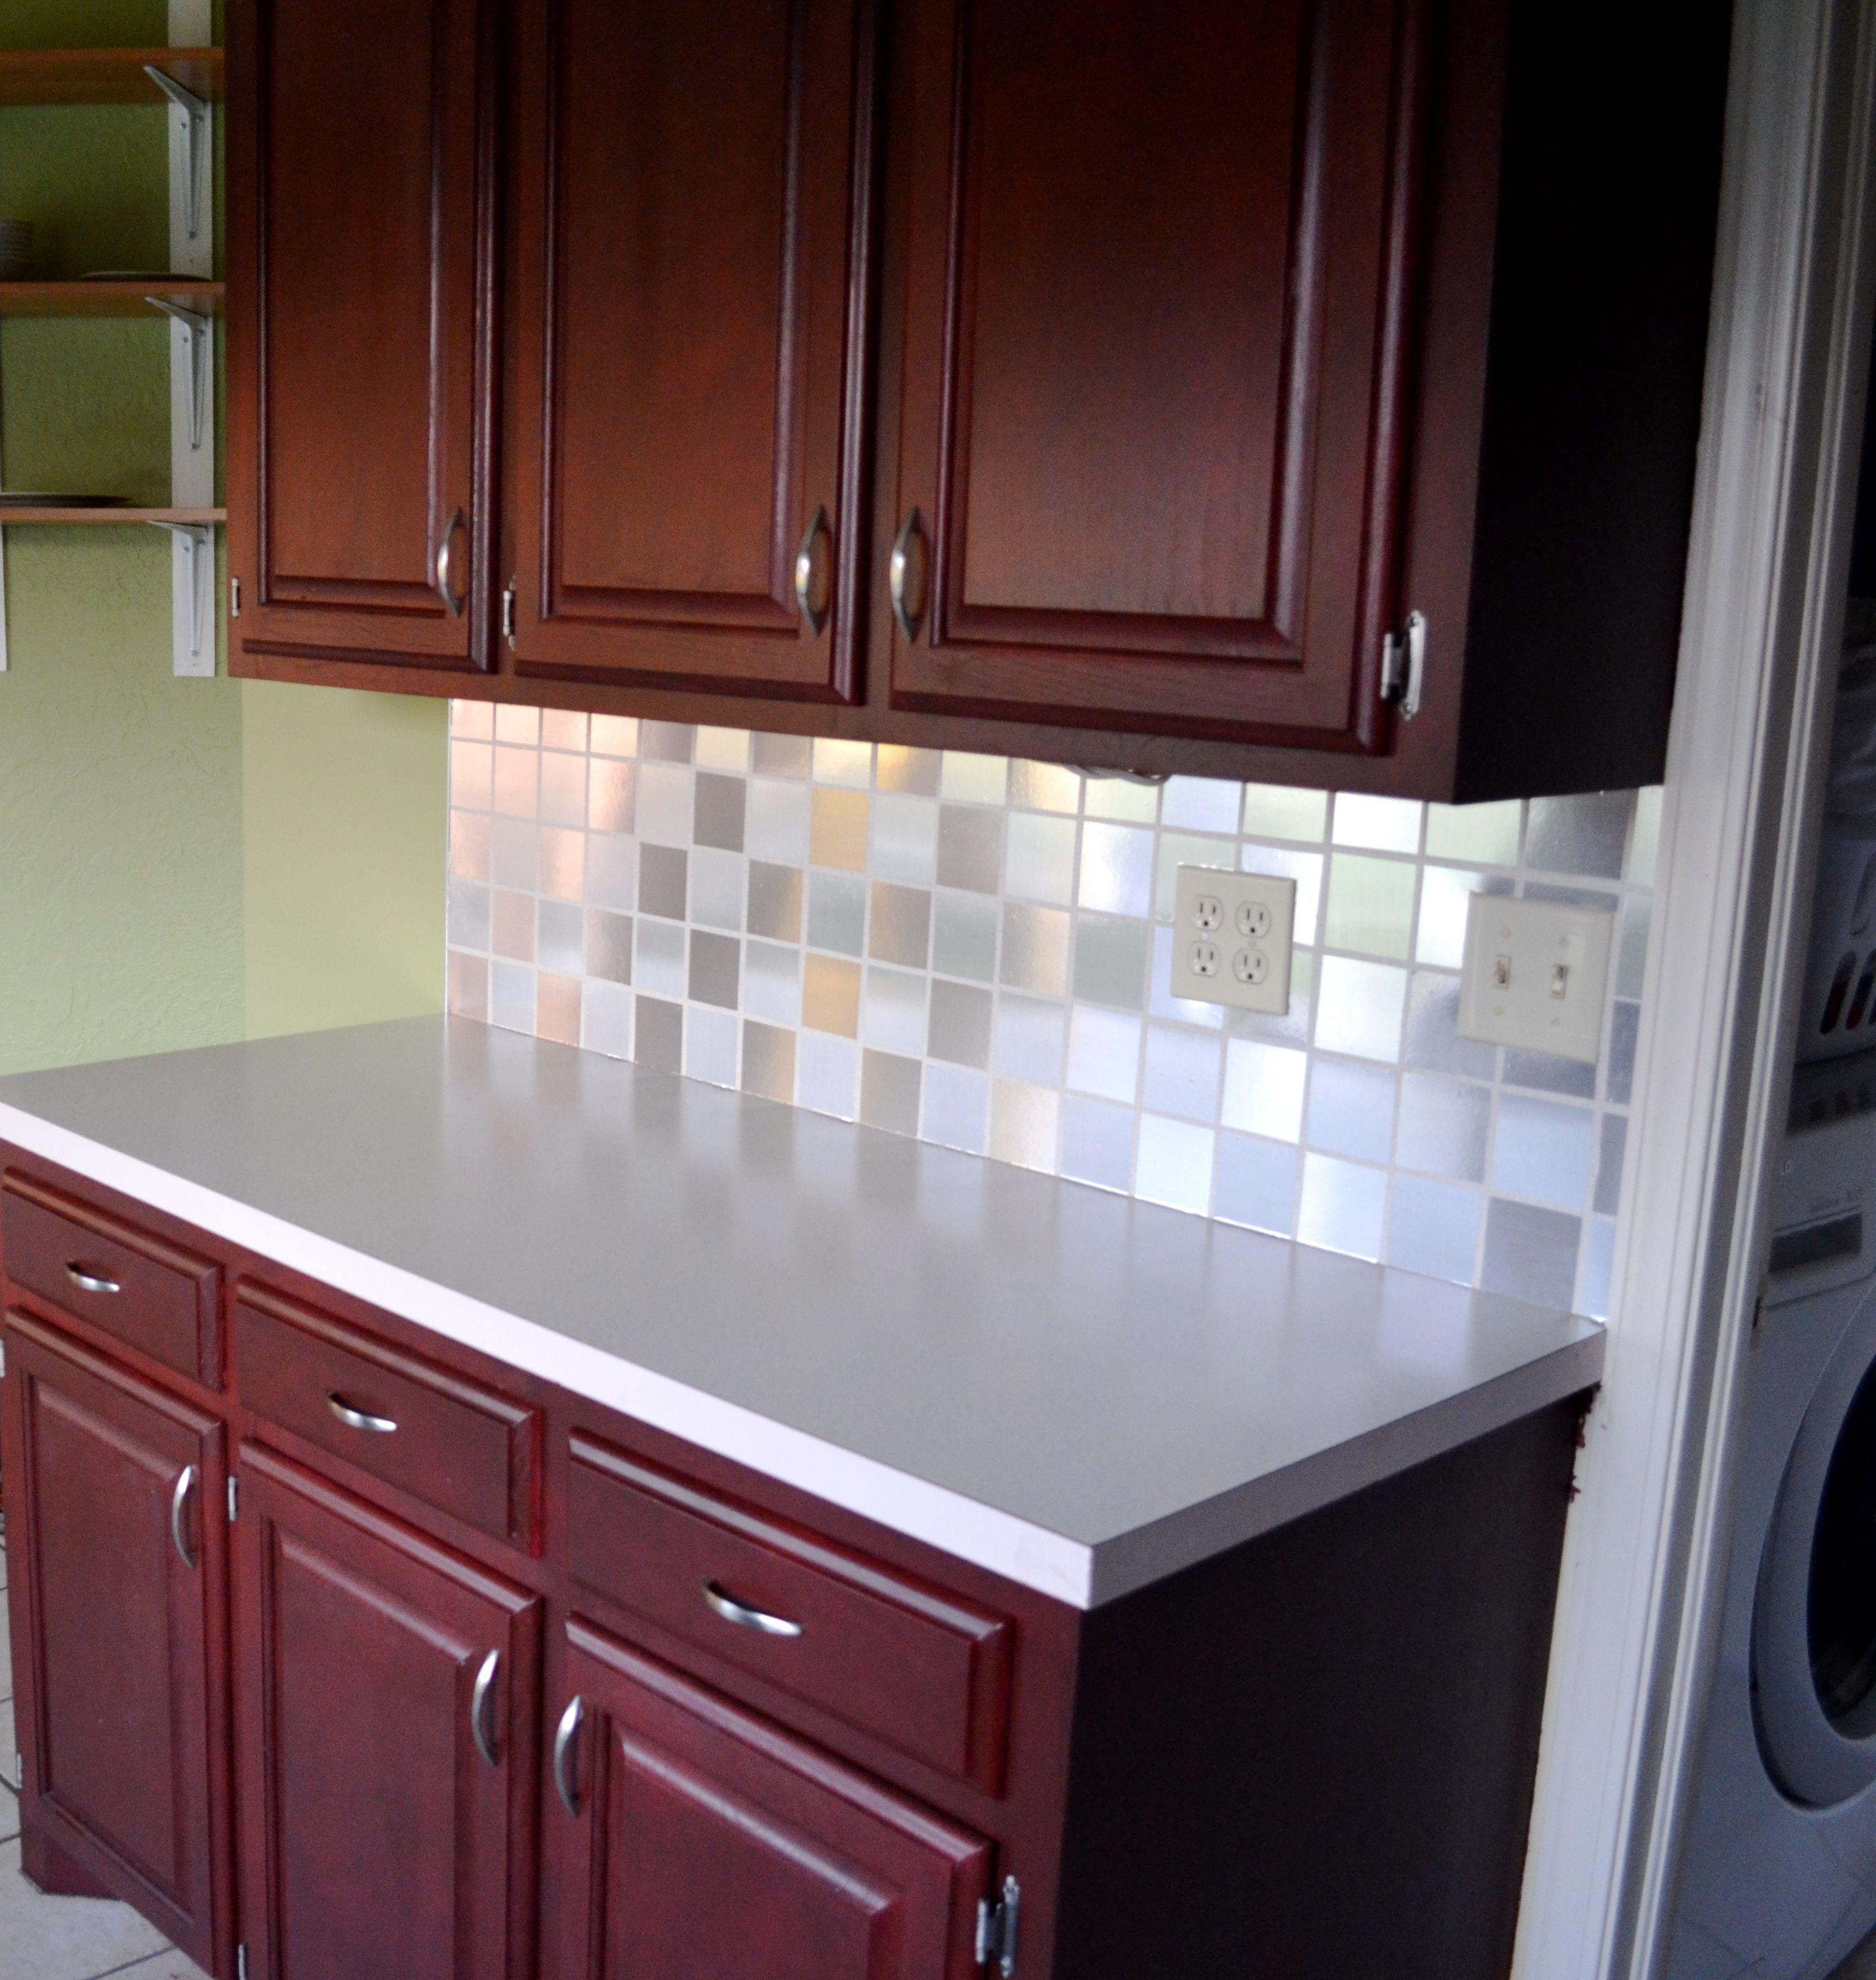 Easy Kitchen Backsplash Makeover: Contact Paper 'Tiled' Backsplash